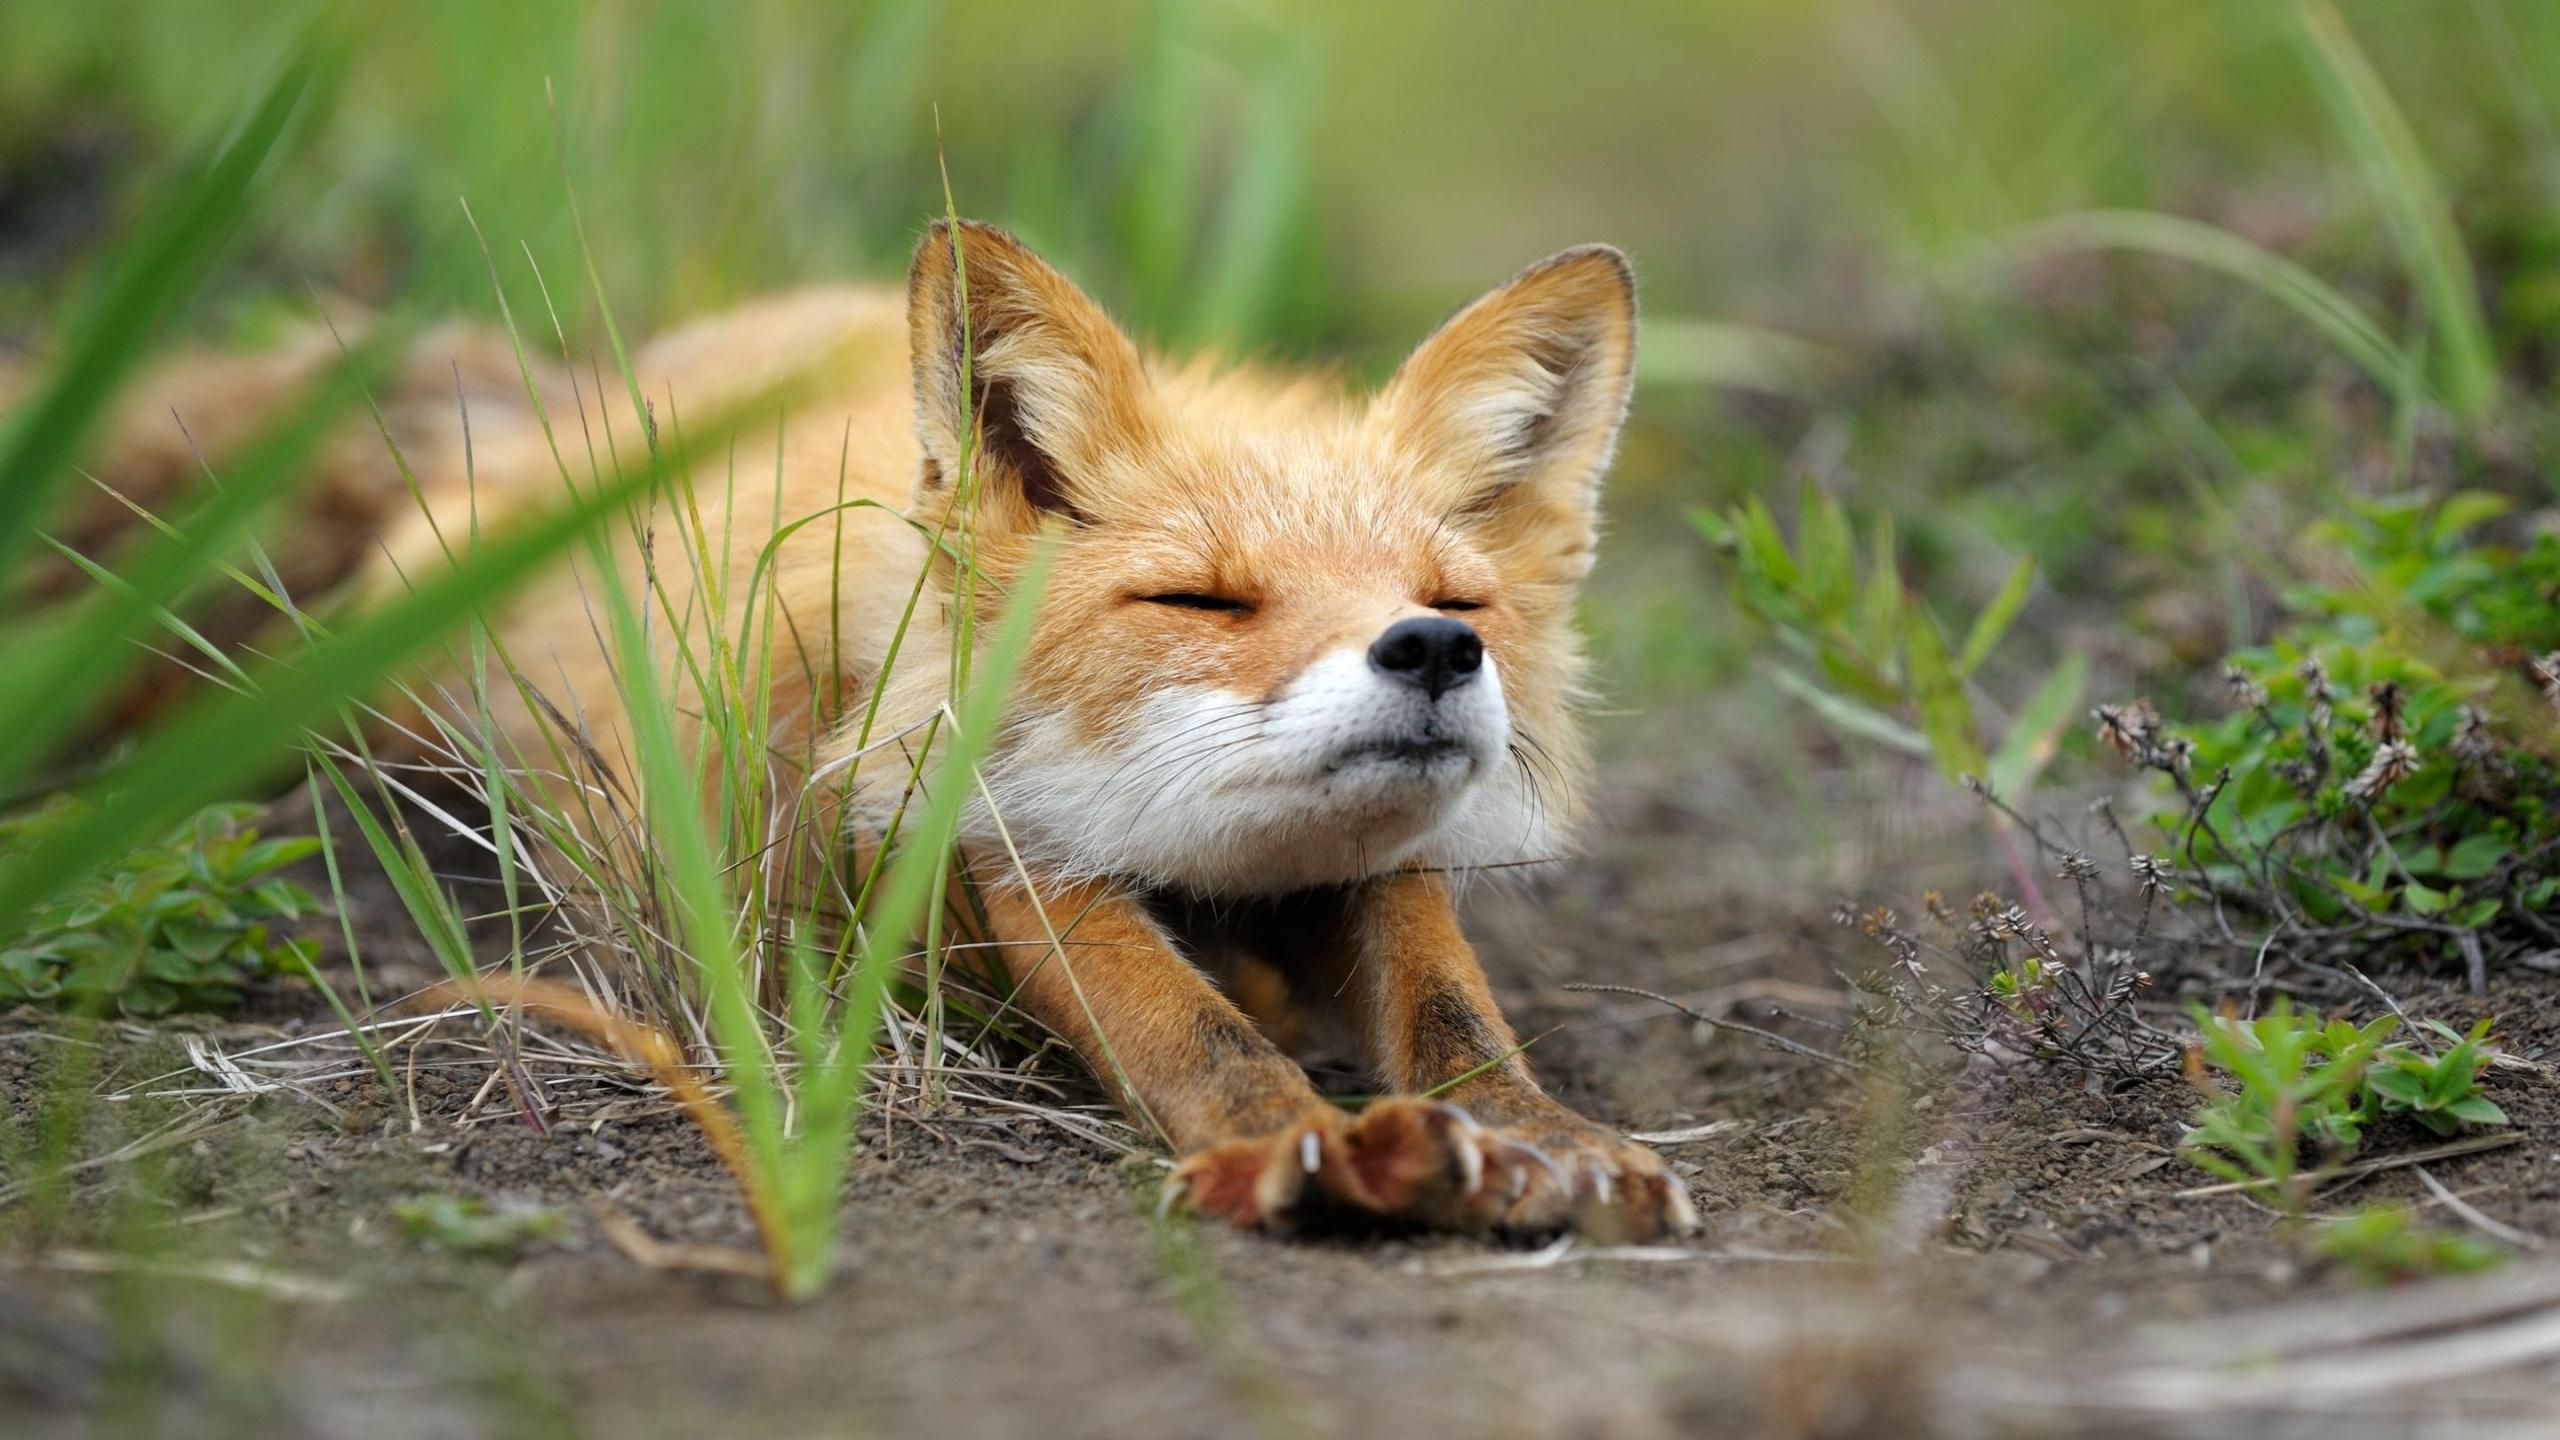 уютно картинки с лисицами доброе утро валентинычем интересно